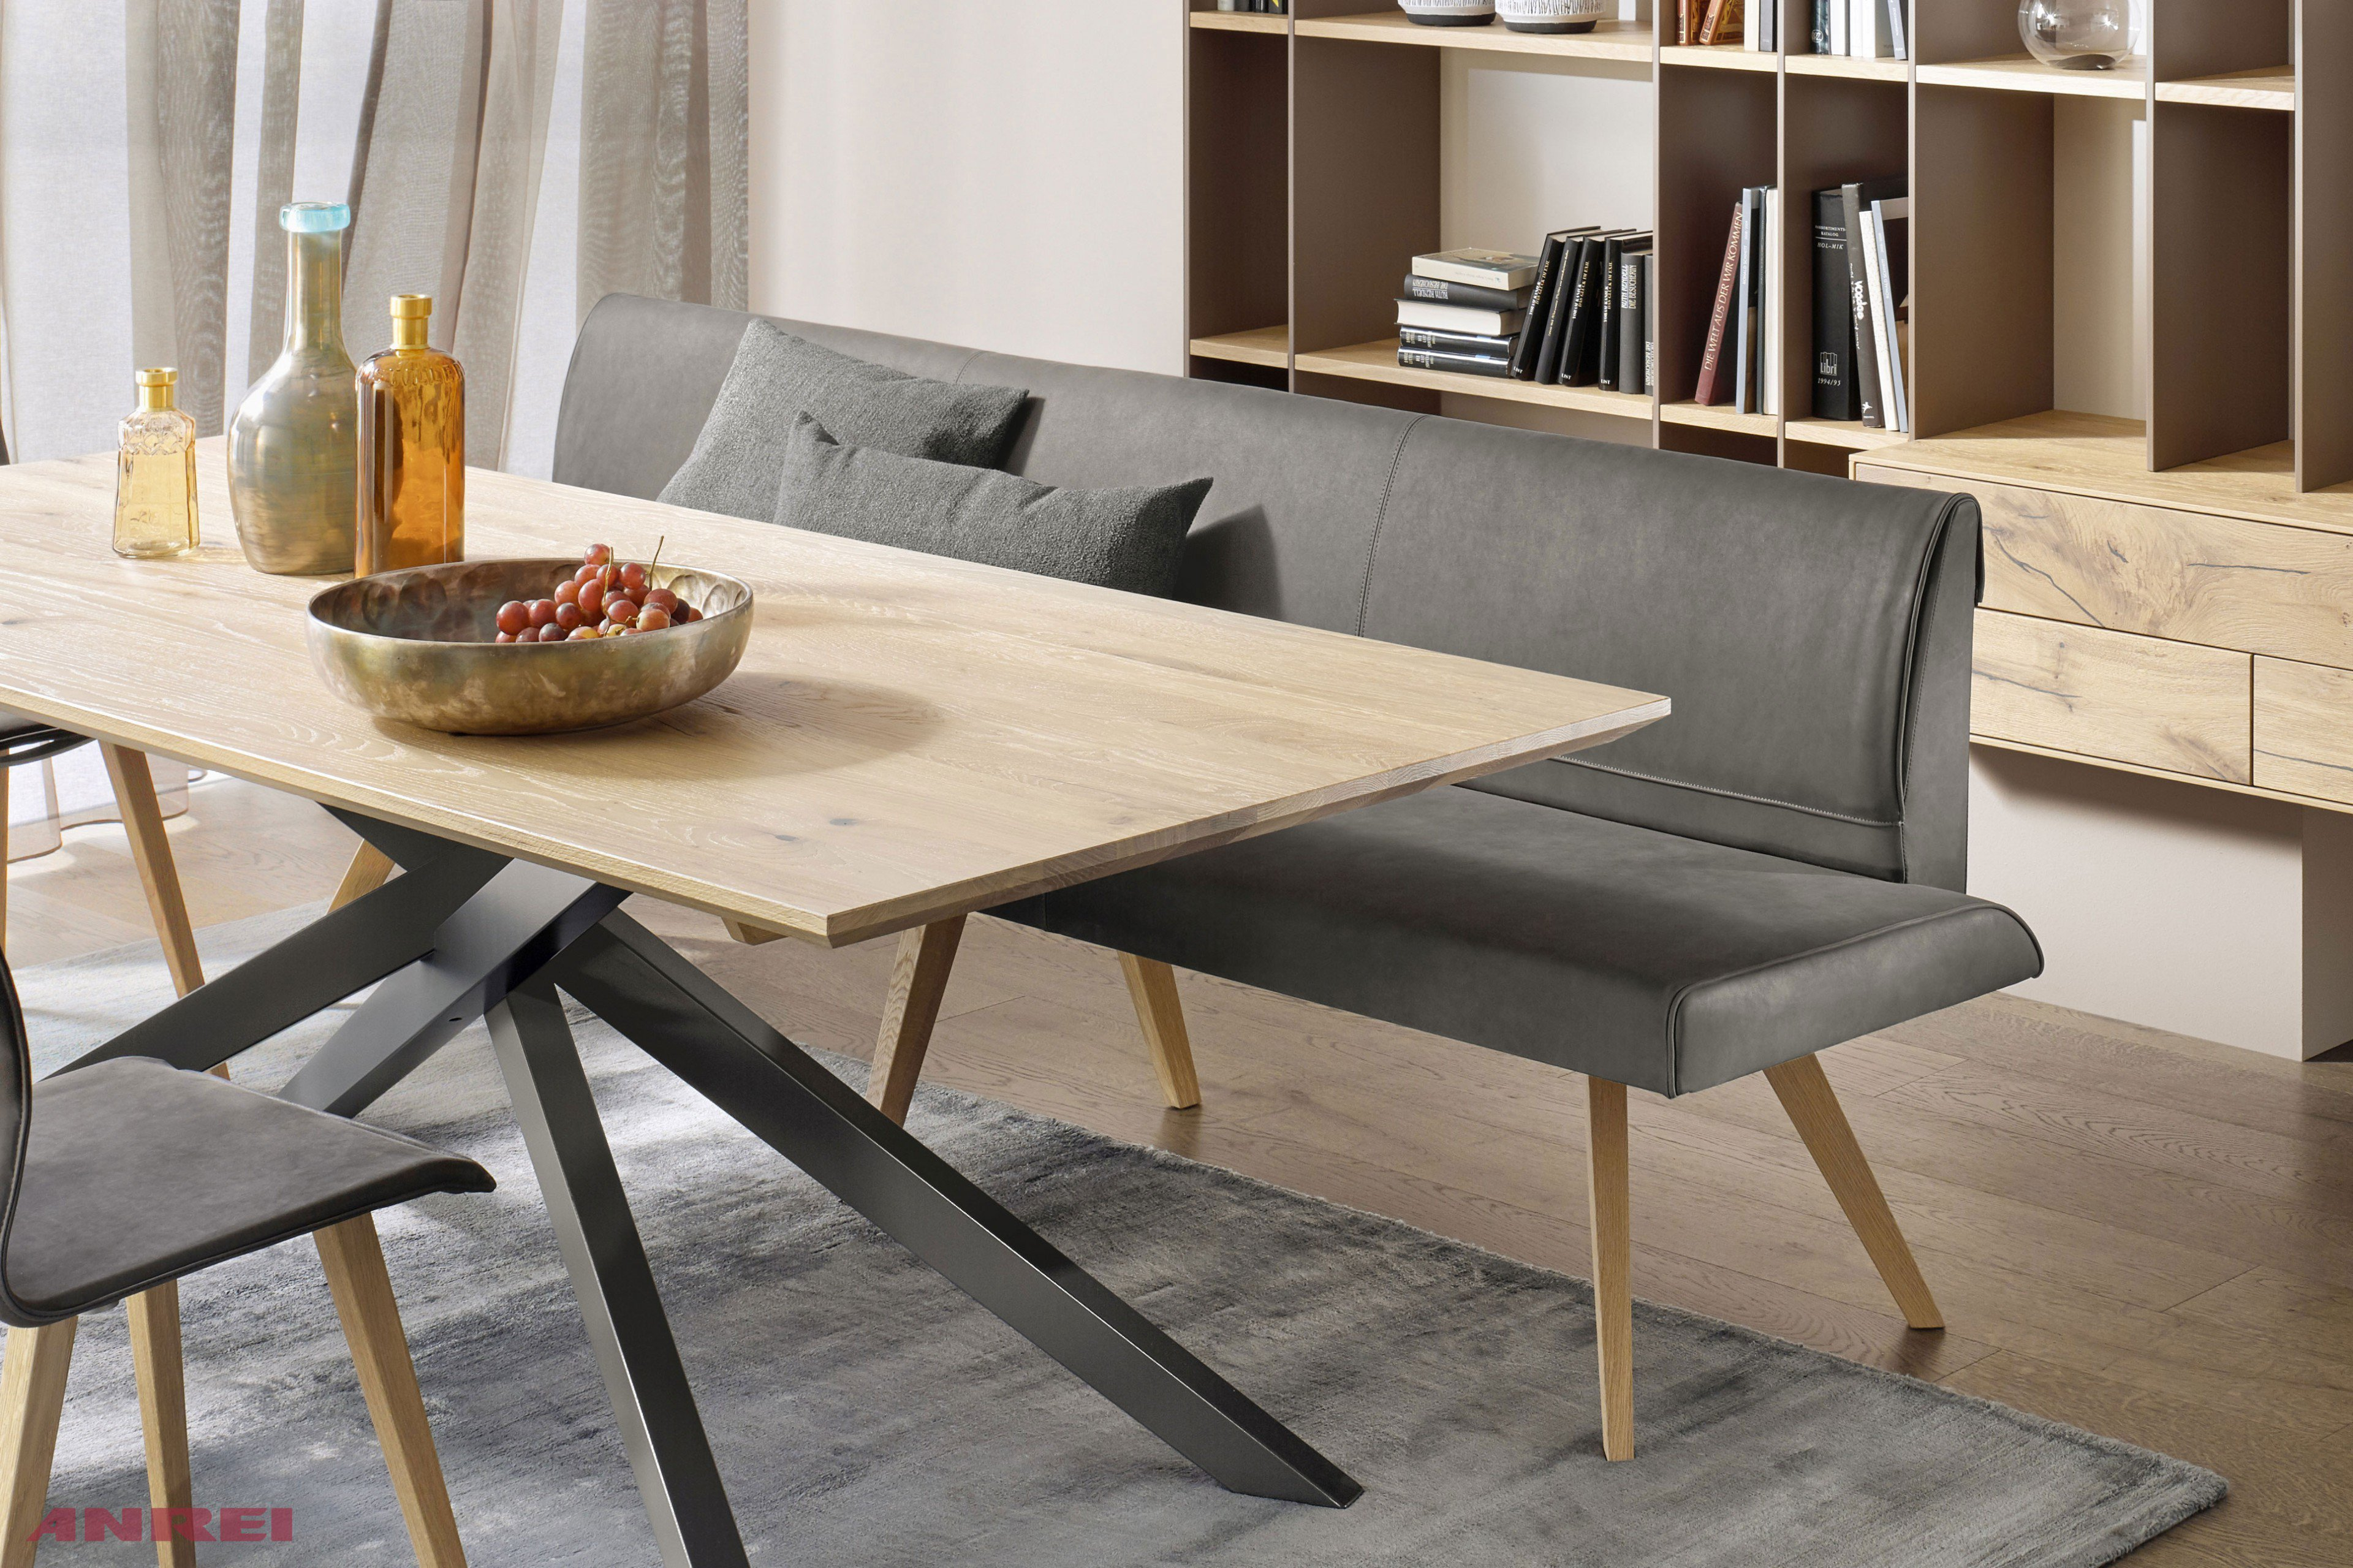 anrei esszimmer metro asteiche geb rstet m bel letz. Black Bedroom Furniture Sets. Home Design Ideas